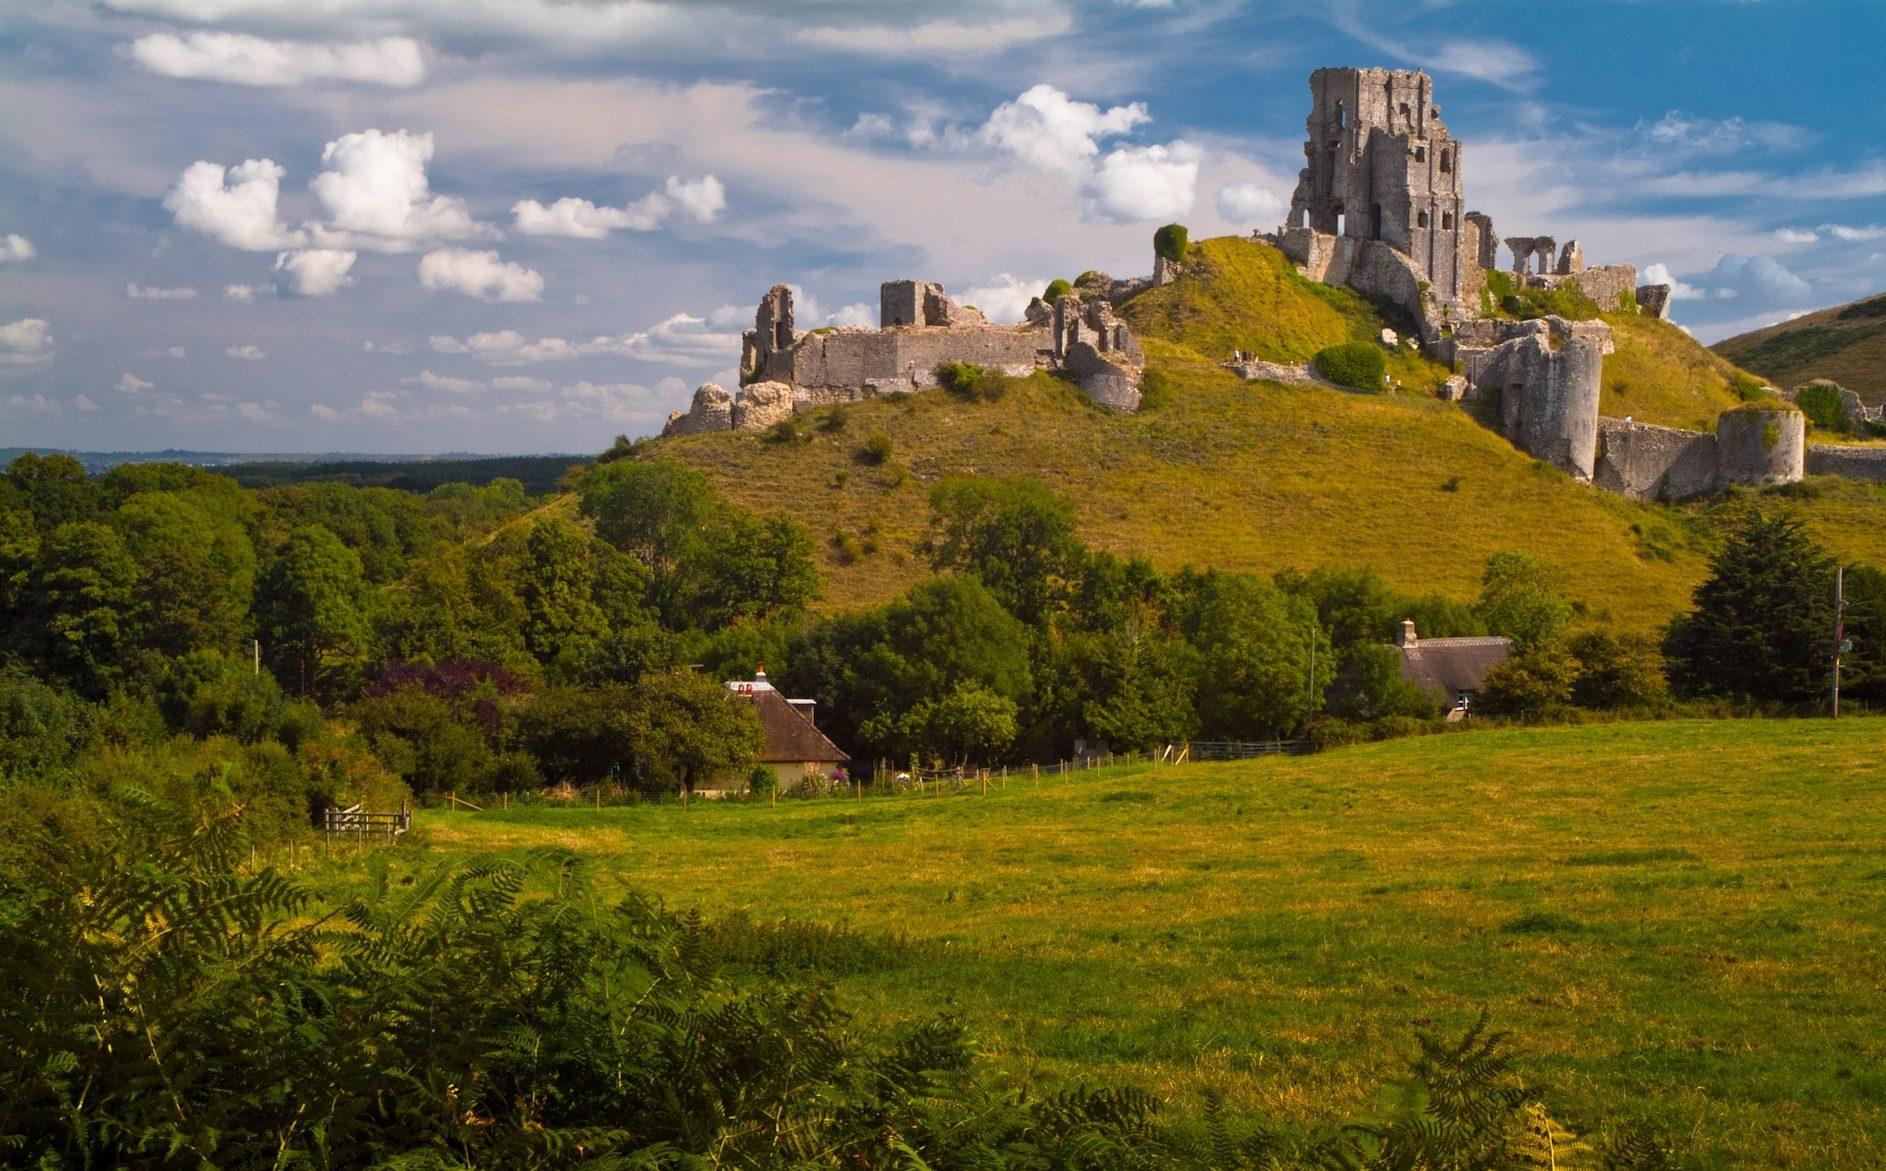 Как попасть в юрский период прямо с побережья Англии: объекты мирового наследия